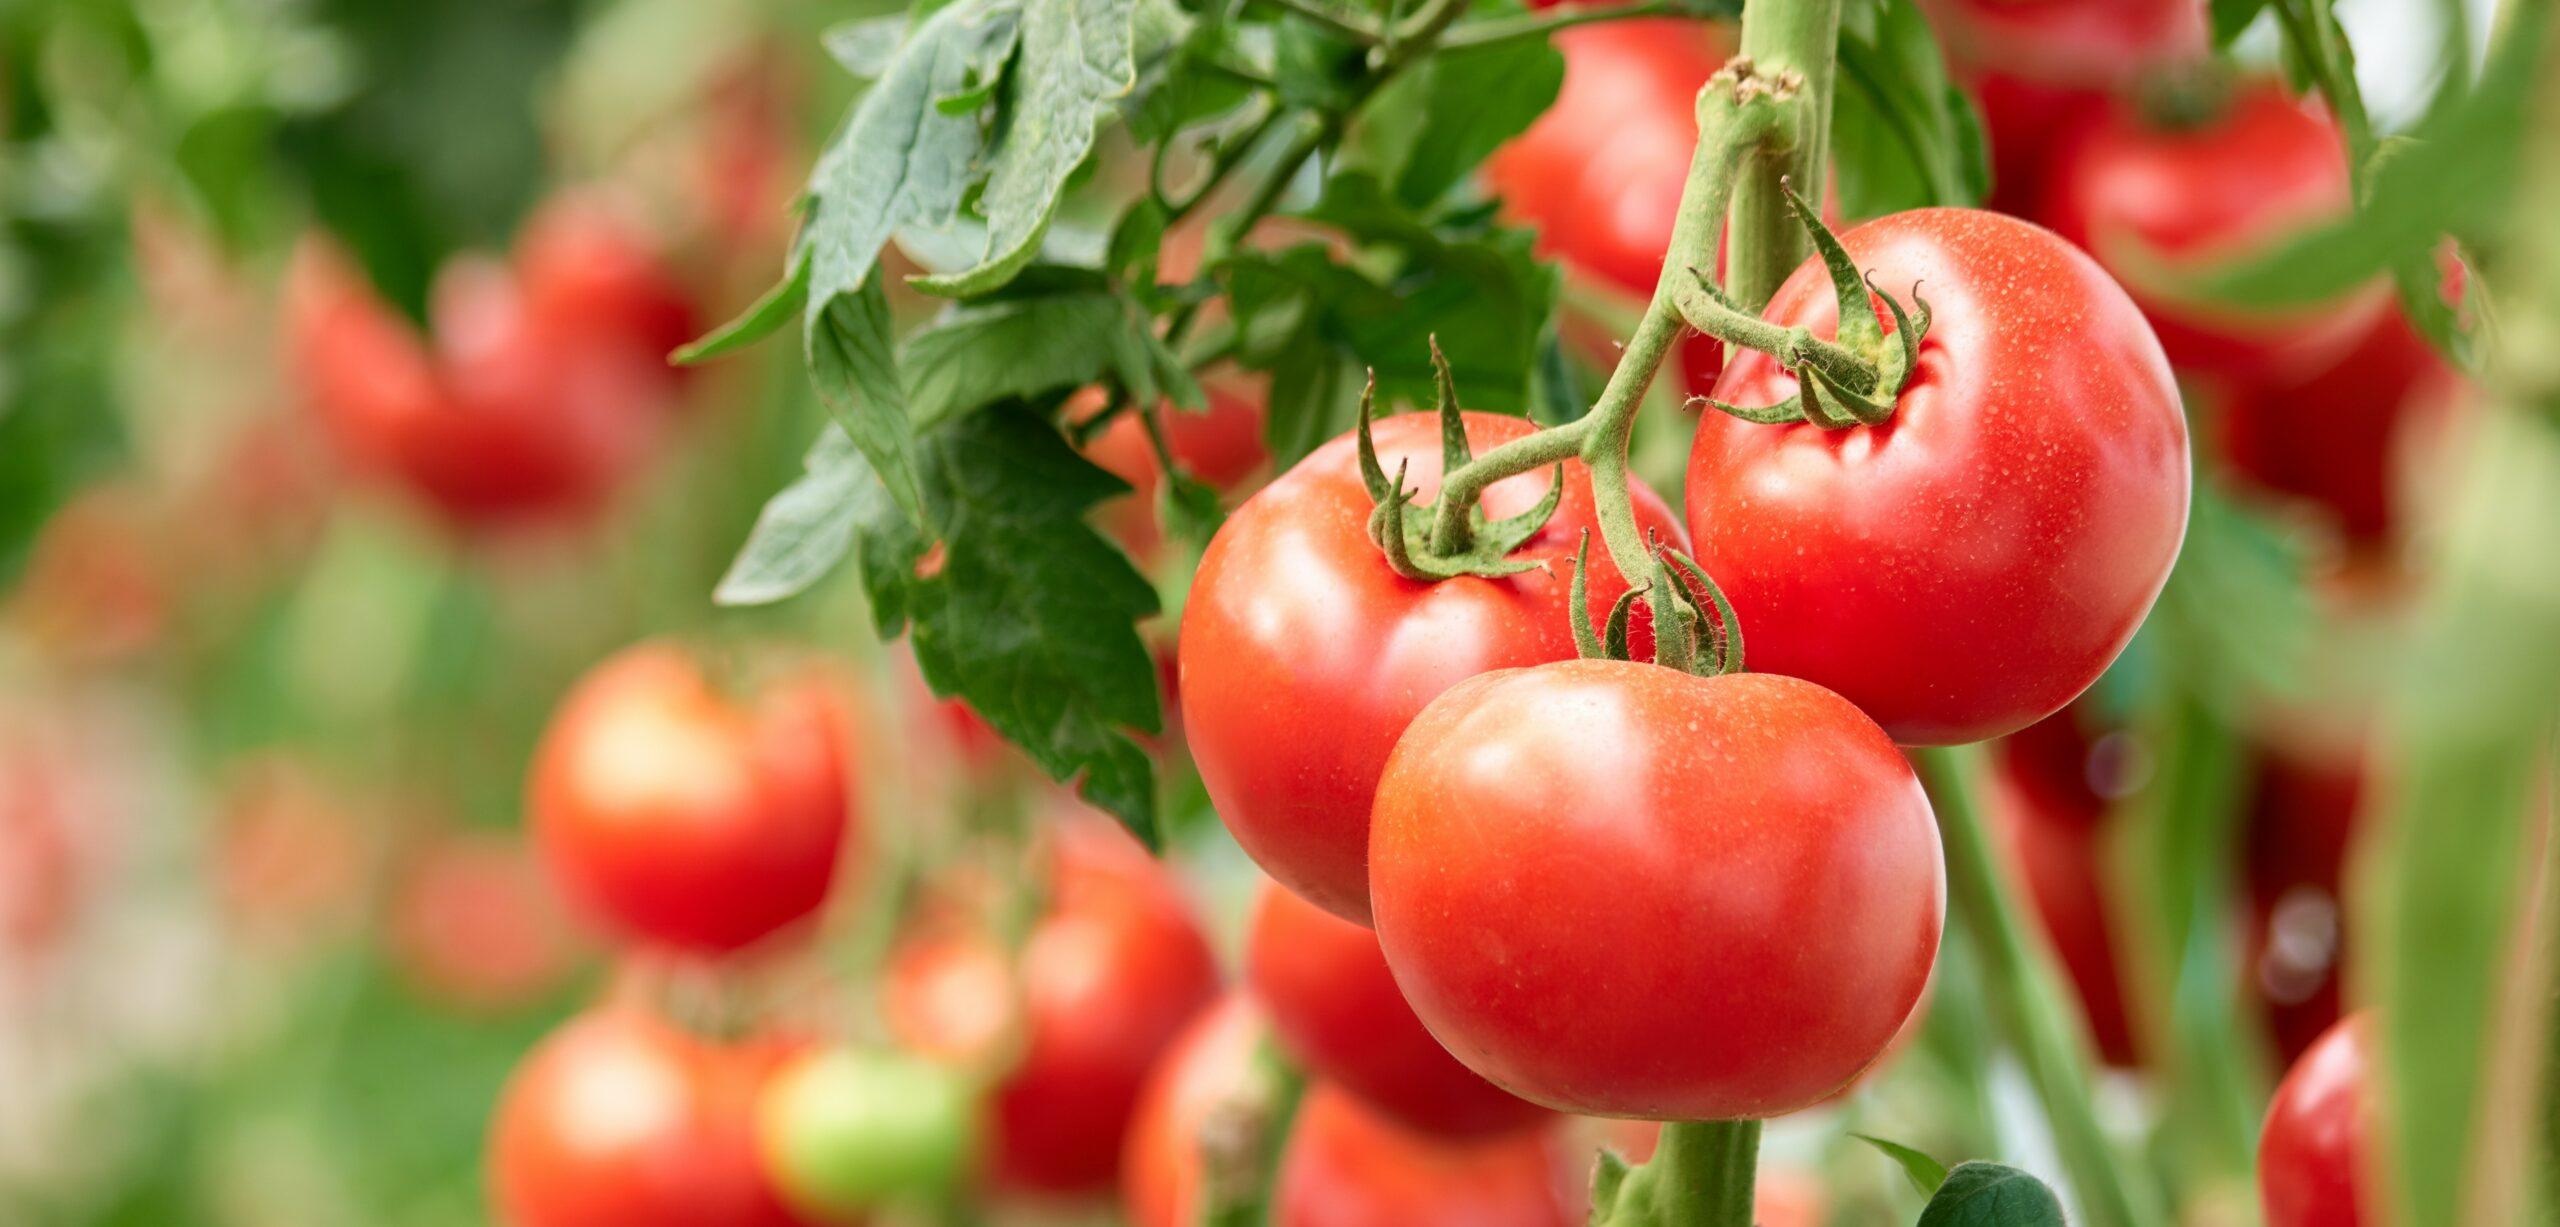 pomodori proprietà e benefici nella dieta